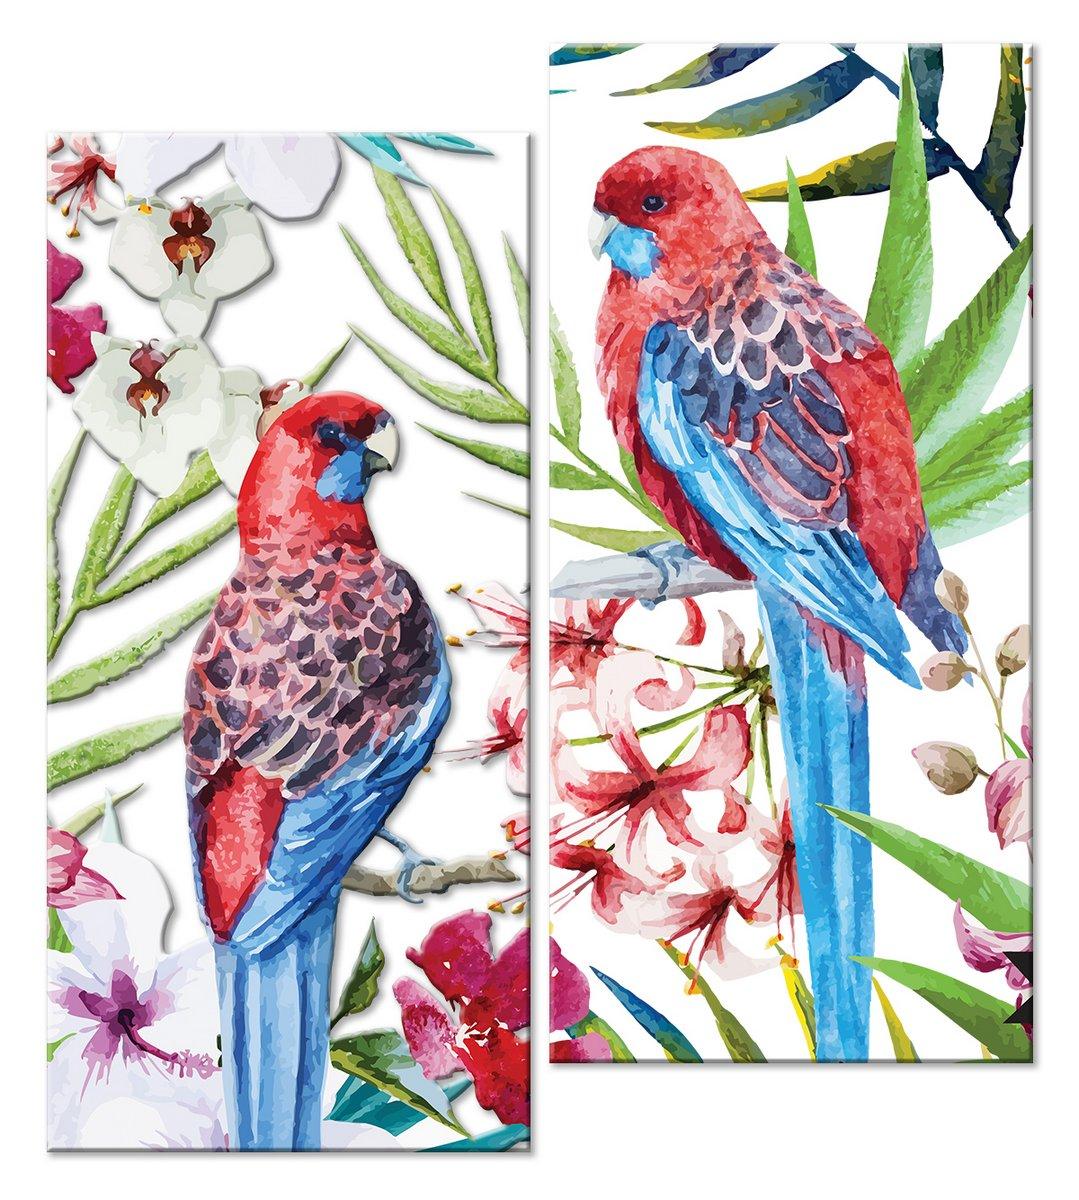 Модульная картина «Живописные попугаи»Животные и птицы<br>Модульная картина на натуральном холсте и деревянном подрамнике. Подвес в комплекте. Трехслойная надежная упаковка. Доставим в любую точку России. Вам осталось только повесить картину на стену!<br>